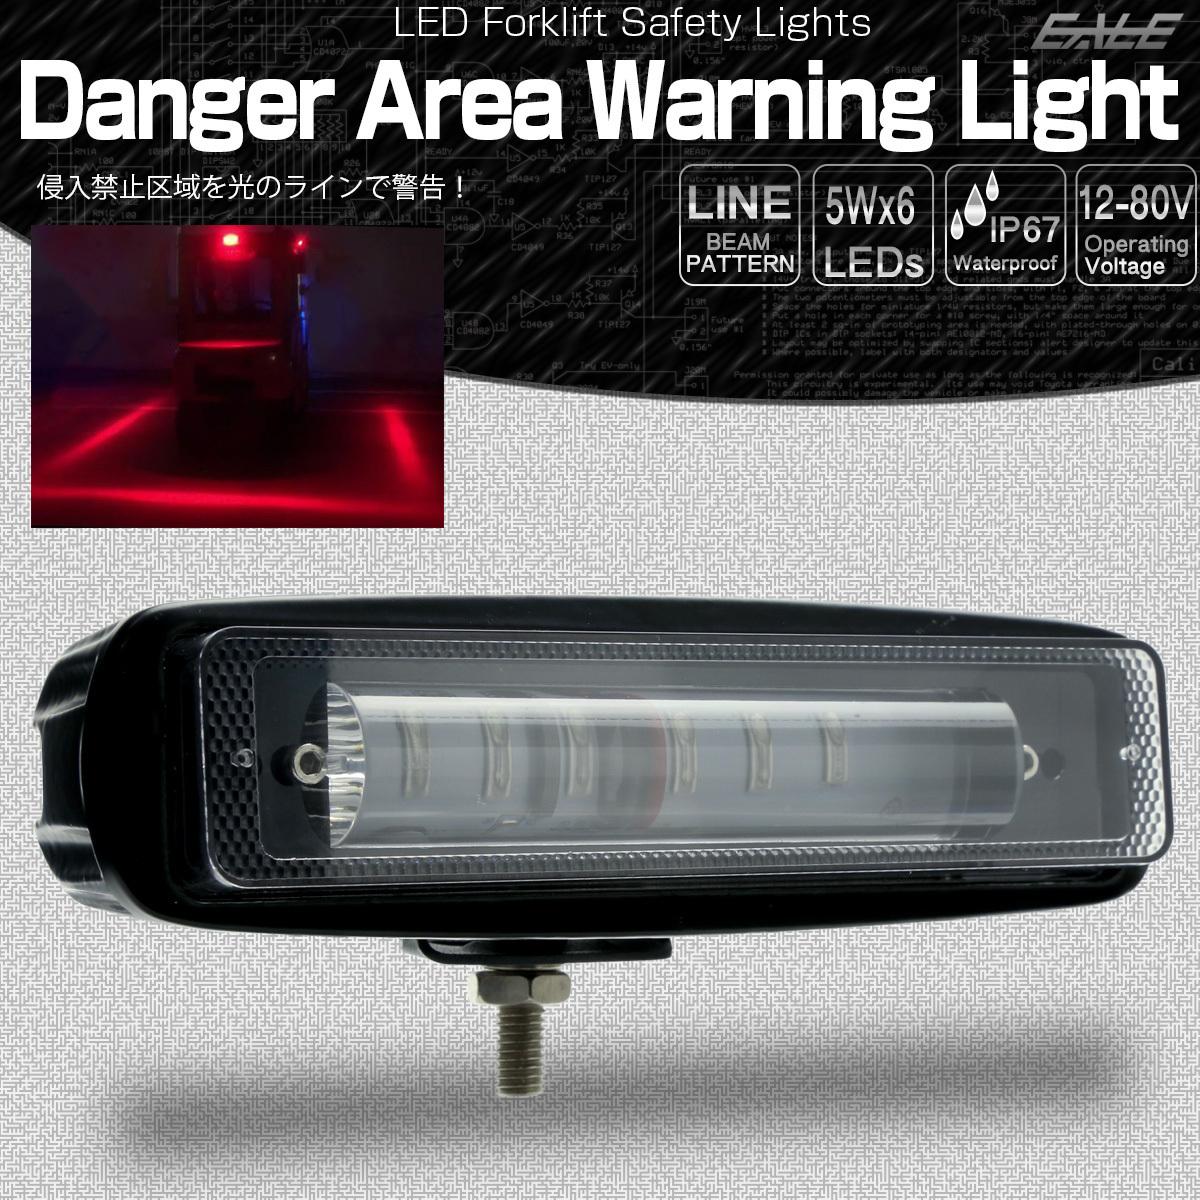 進入禁止区域 LED 警告灯 ブルー ゾーン ビームライト フォークリフト レッカー車 重機の安全管理に 作業灯 12V-80V P-453-B_こちらはブルーの出品です。